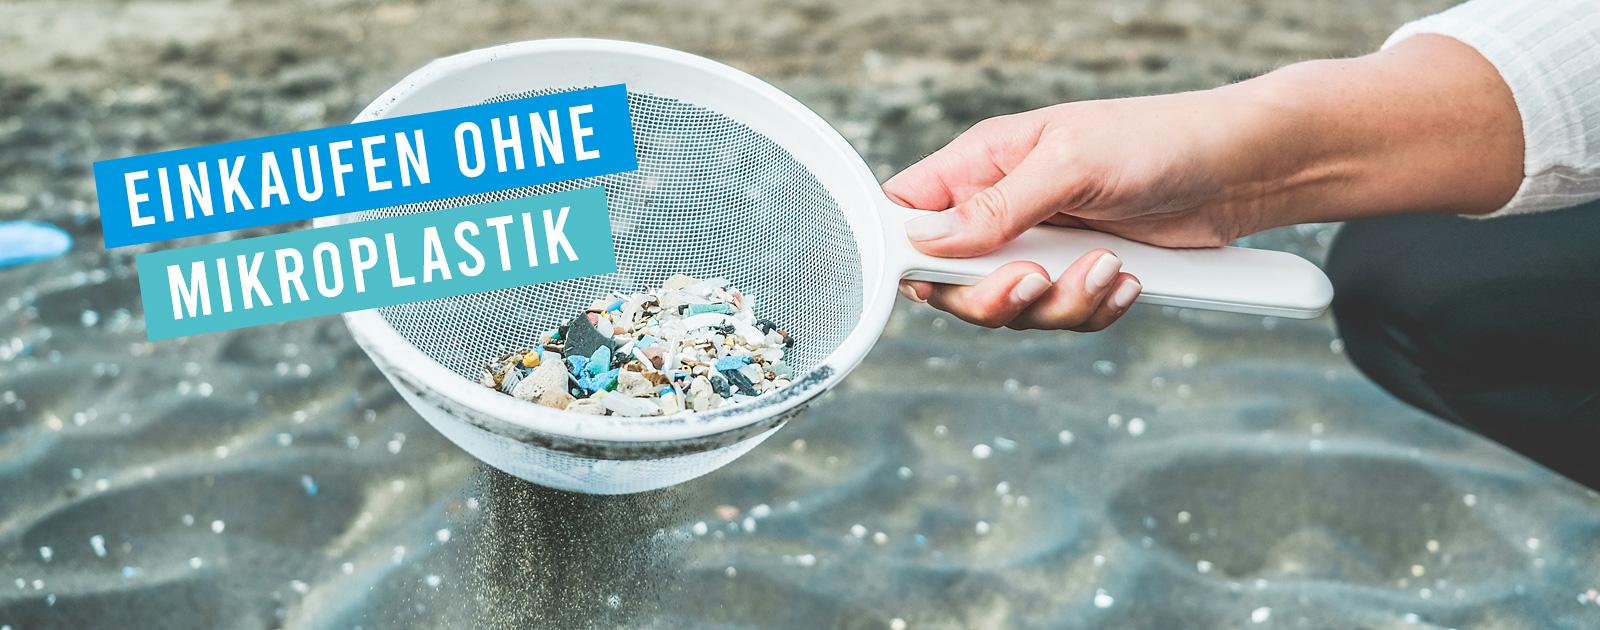 Mikroplastik vermeiden Einkaufen ohne Mikroplastik Kaufland